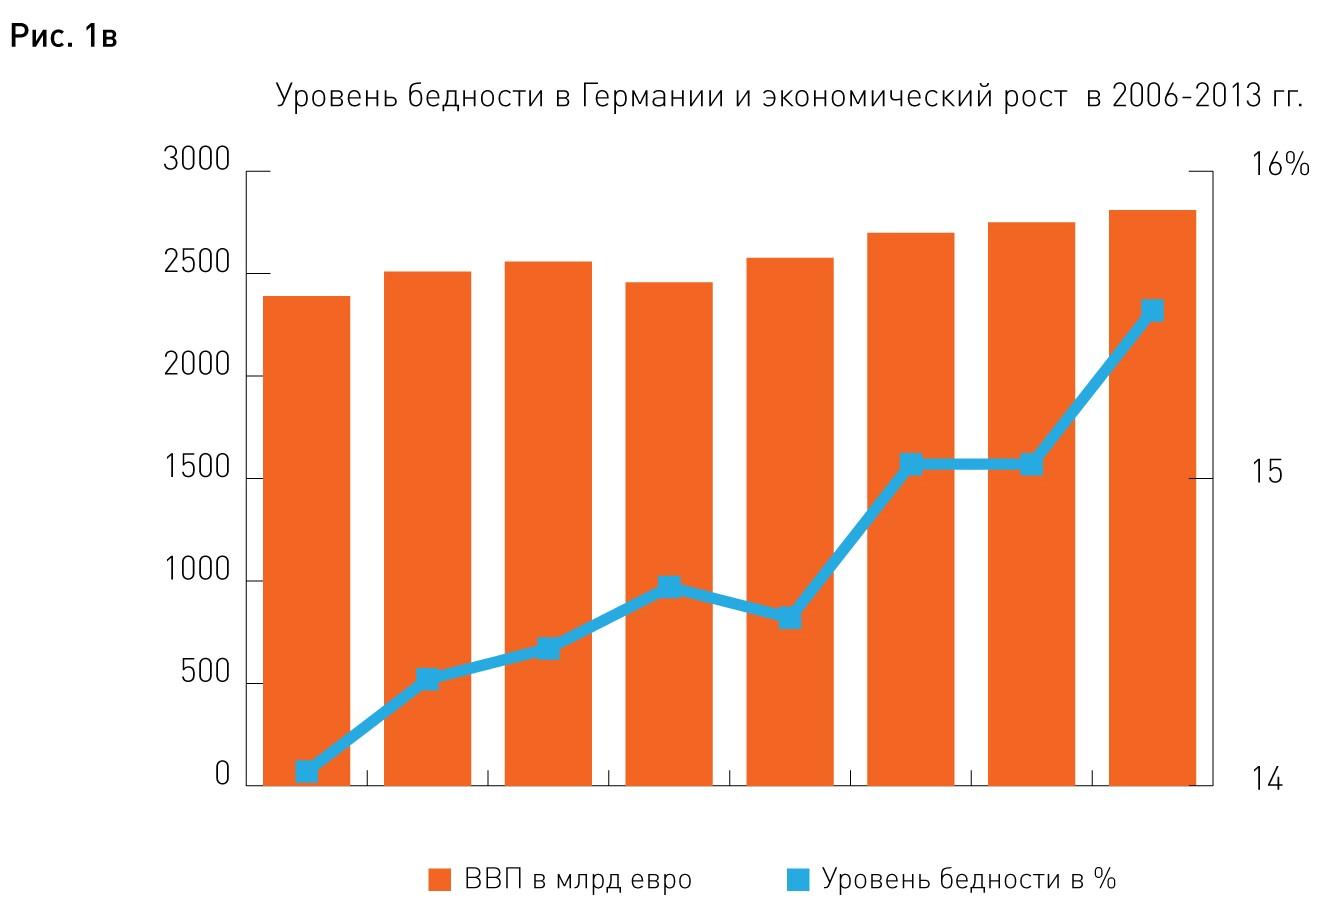 Отдых на антигуа и барбуде 2020 - 2021 - цены, интересные факты, места, все о антигуа и барбуде turizm.ru